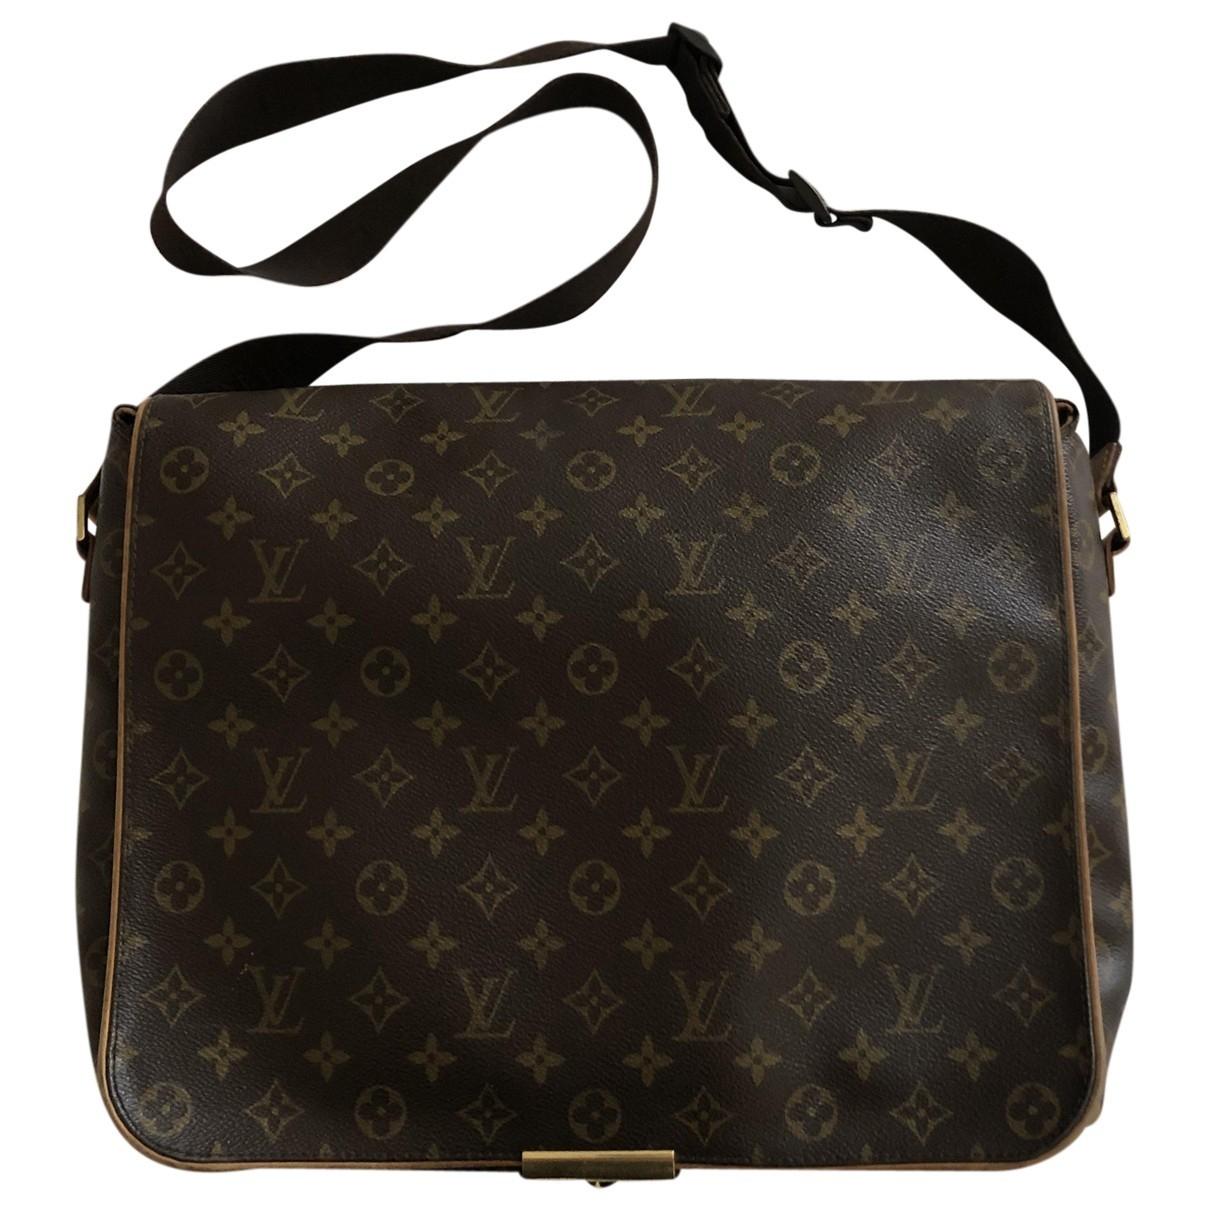 Louis Vuitton Naviglio Handtasche in  Braun Leinen